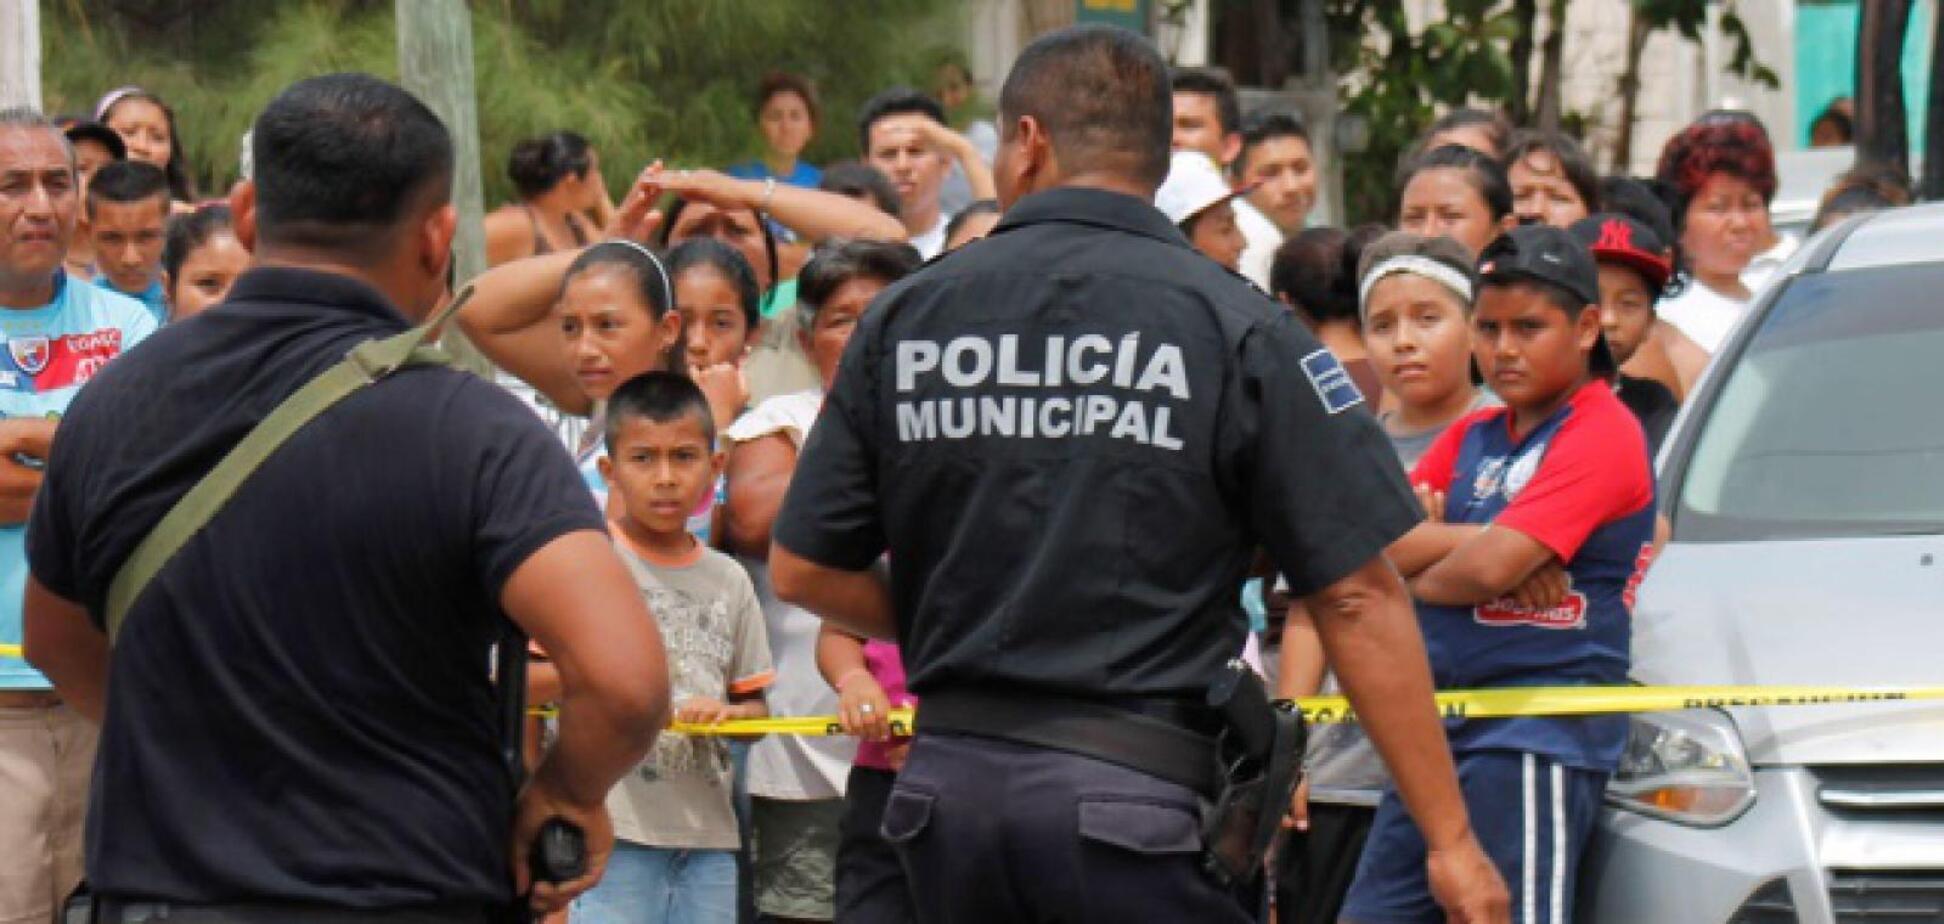 Массовое убийство произошло в Мексике